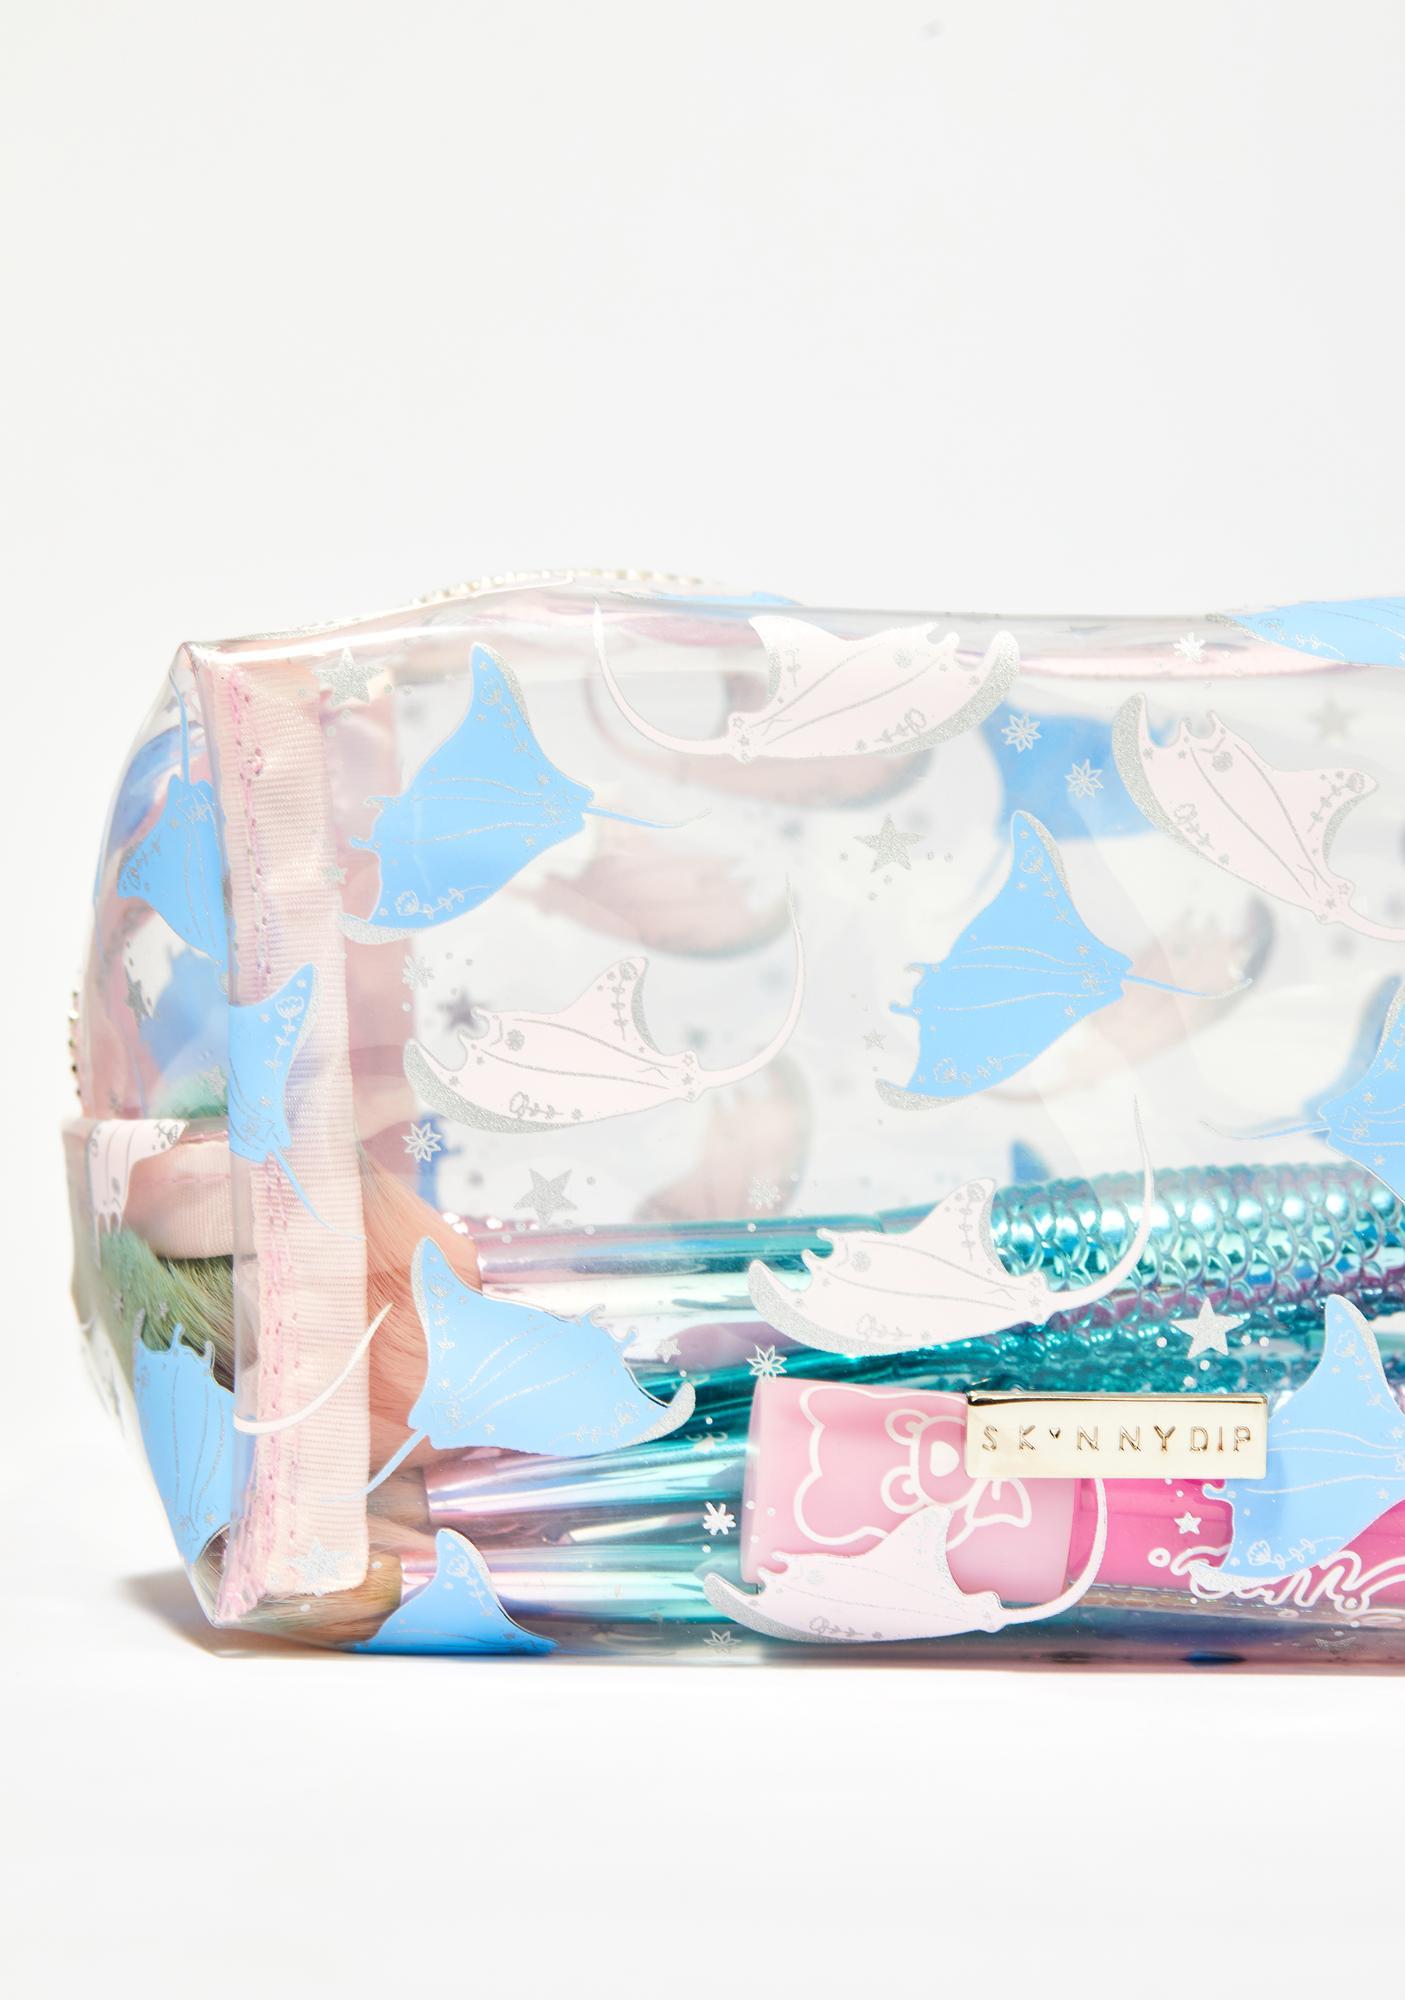 Skinnydip Rae Makeup Bag